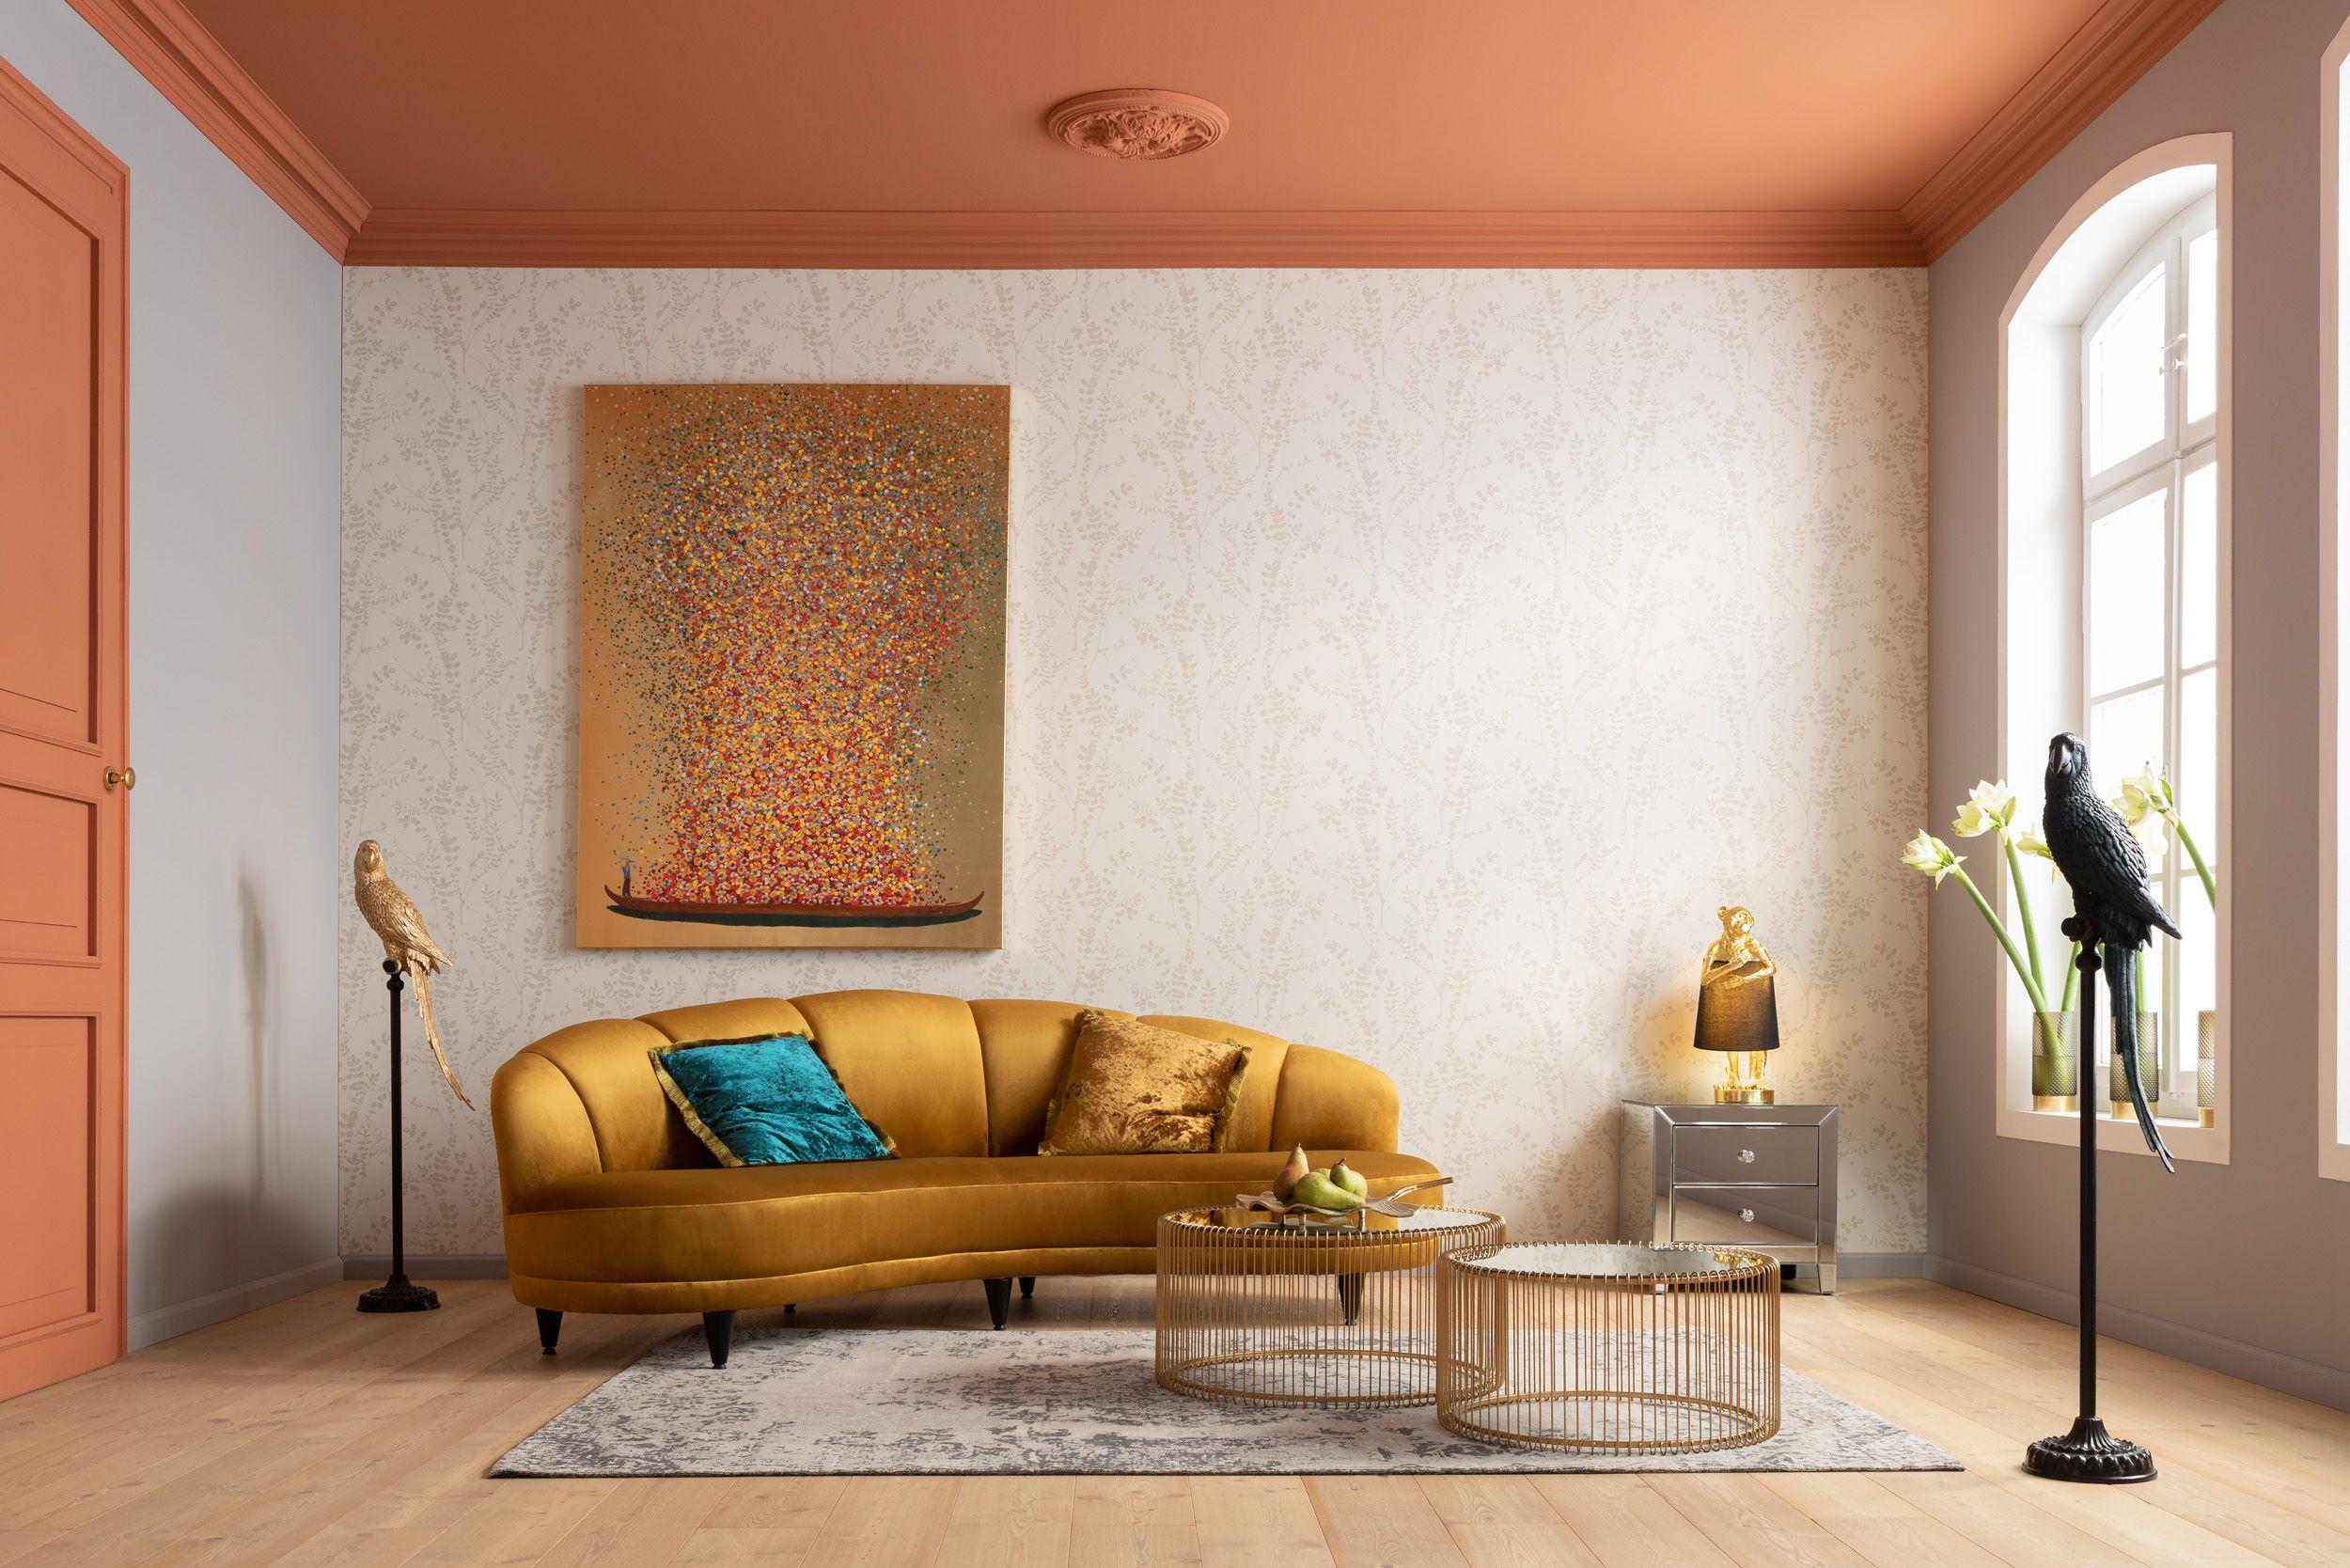 Full Size of Halbrundes Sofa Ebay Big Samt Im Klassischen Stil Schwarz Rot Ikea Gebraucht Klein Halbrunde Couch Ein Nein Erpo Wohnlandschaft 2 Sitzer Mit Schlaffunktion Sofa Halbrundes Sofa